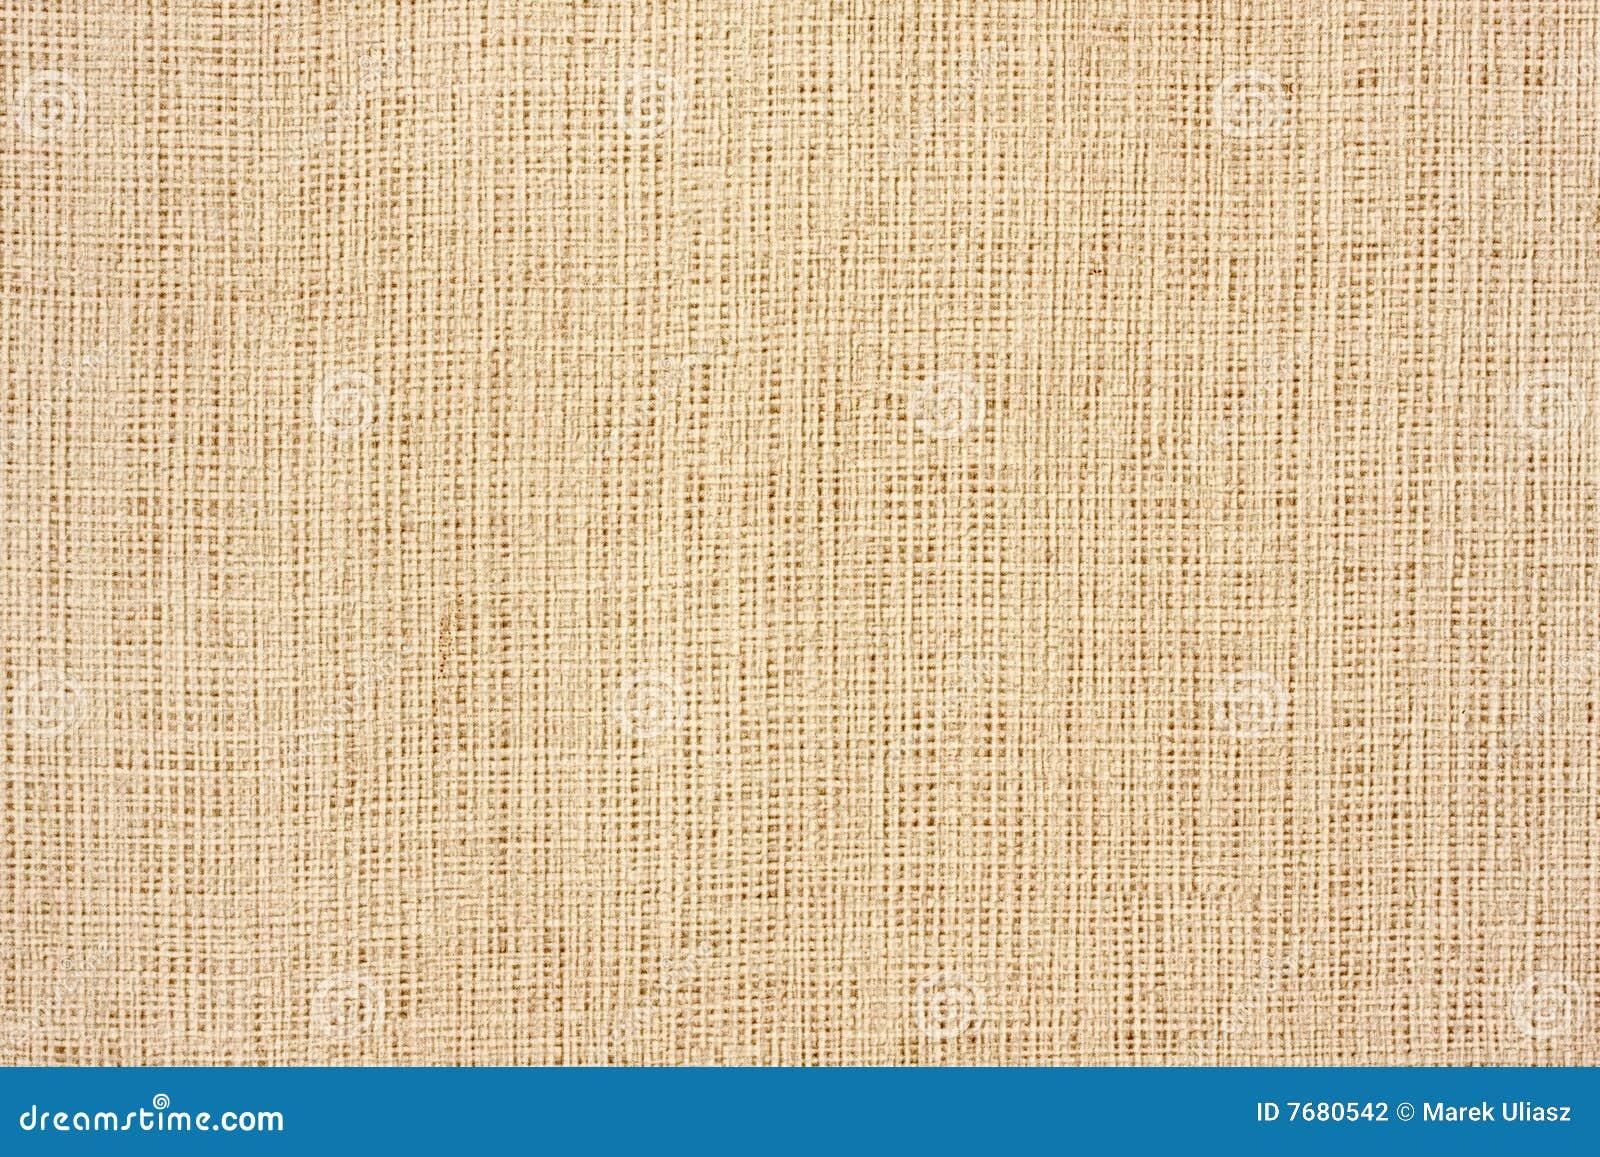 papier peint de textile photo stock image du tissu macro 7680542. Black Bedroom Furniture Sets. Home Design Ideas